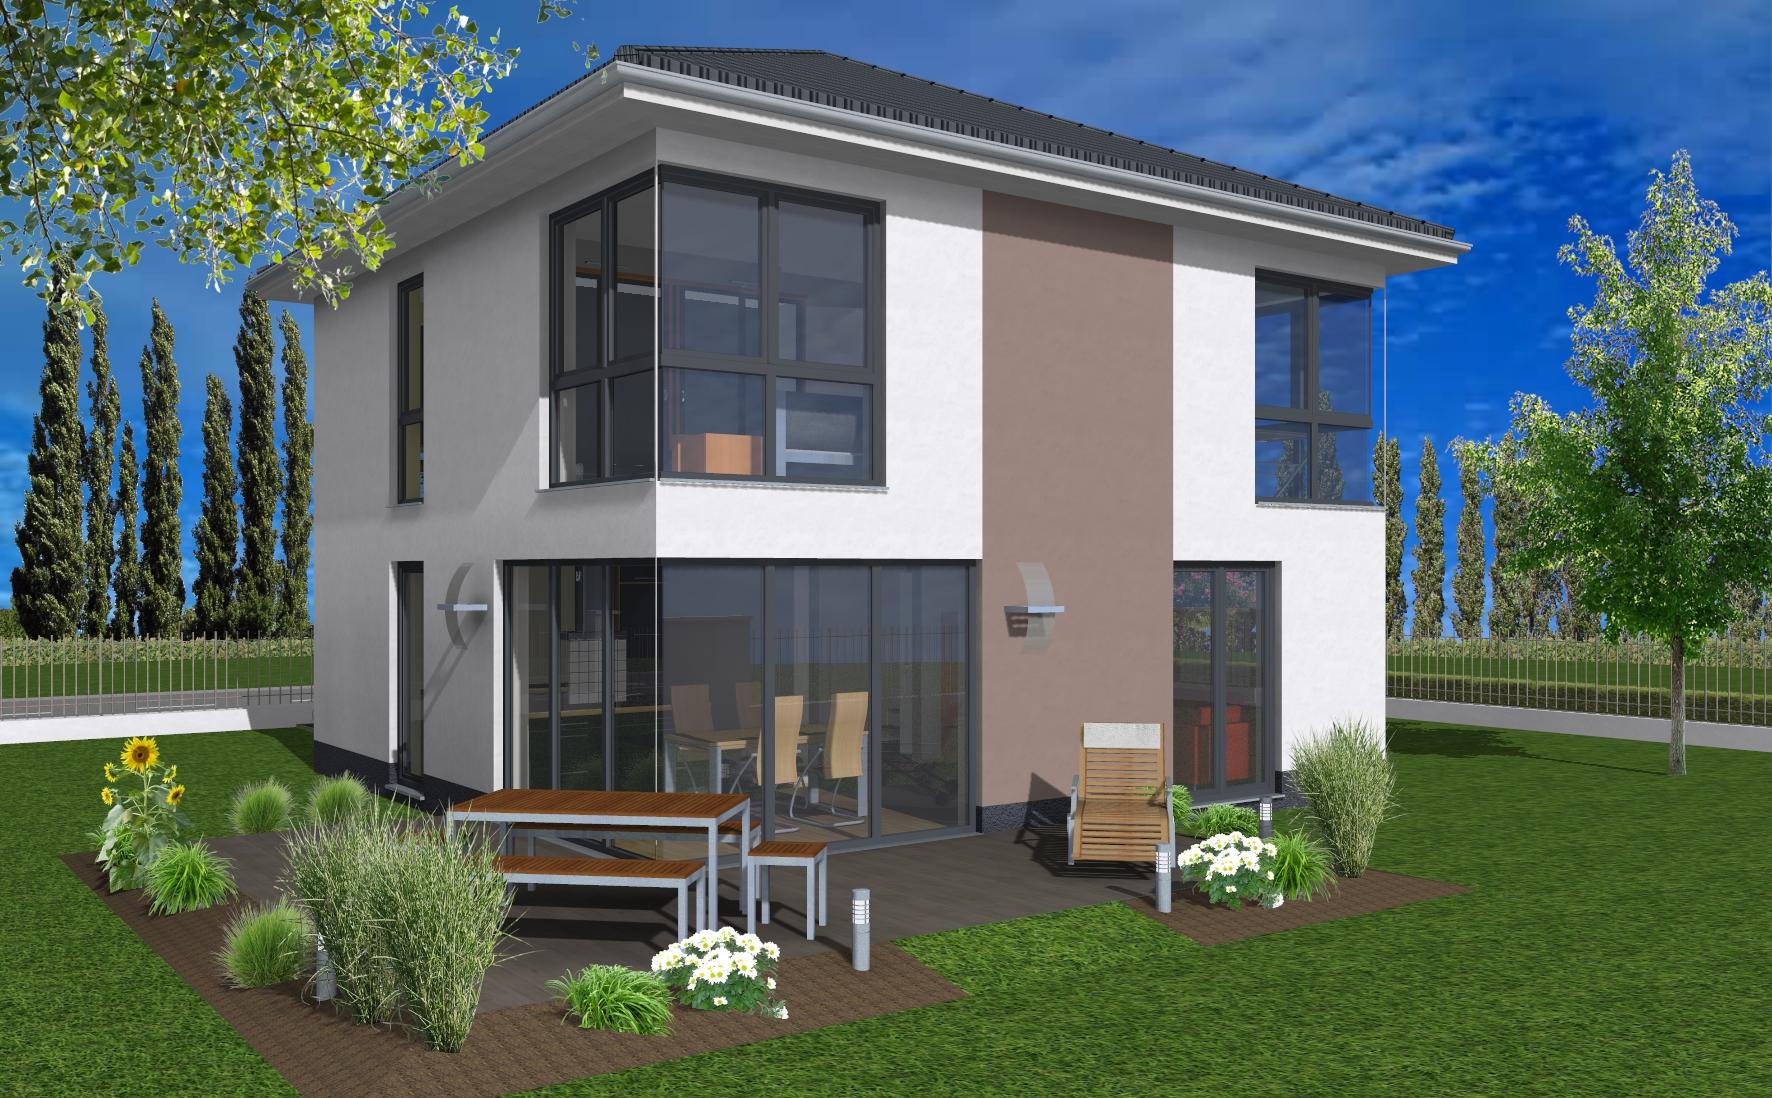 Einfamilienhaus 1 180